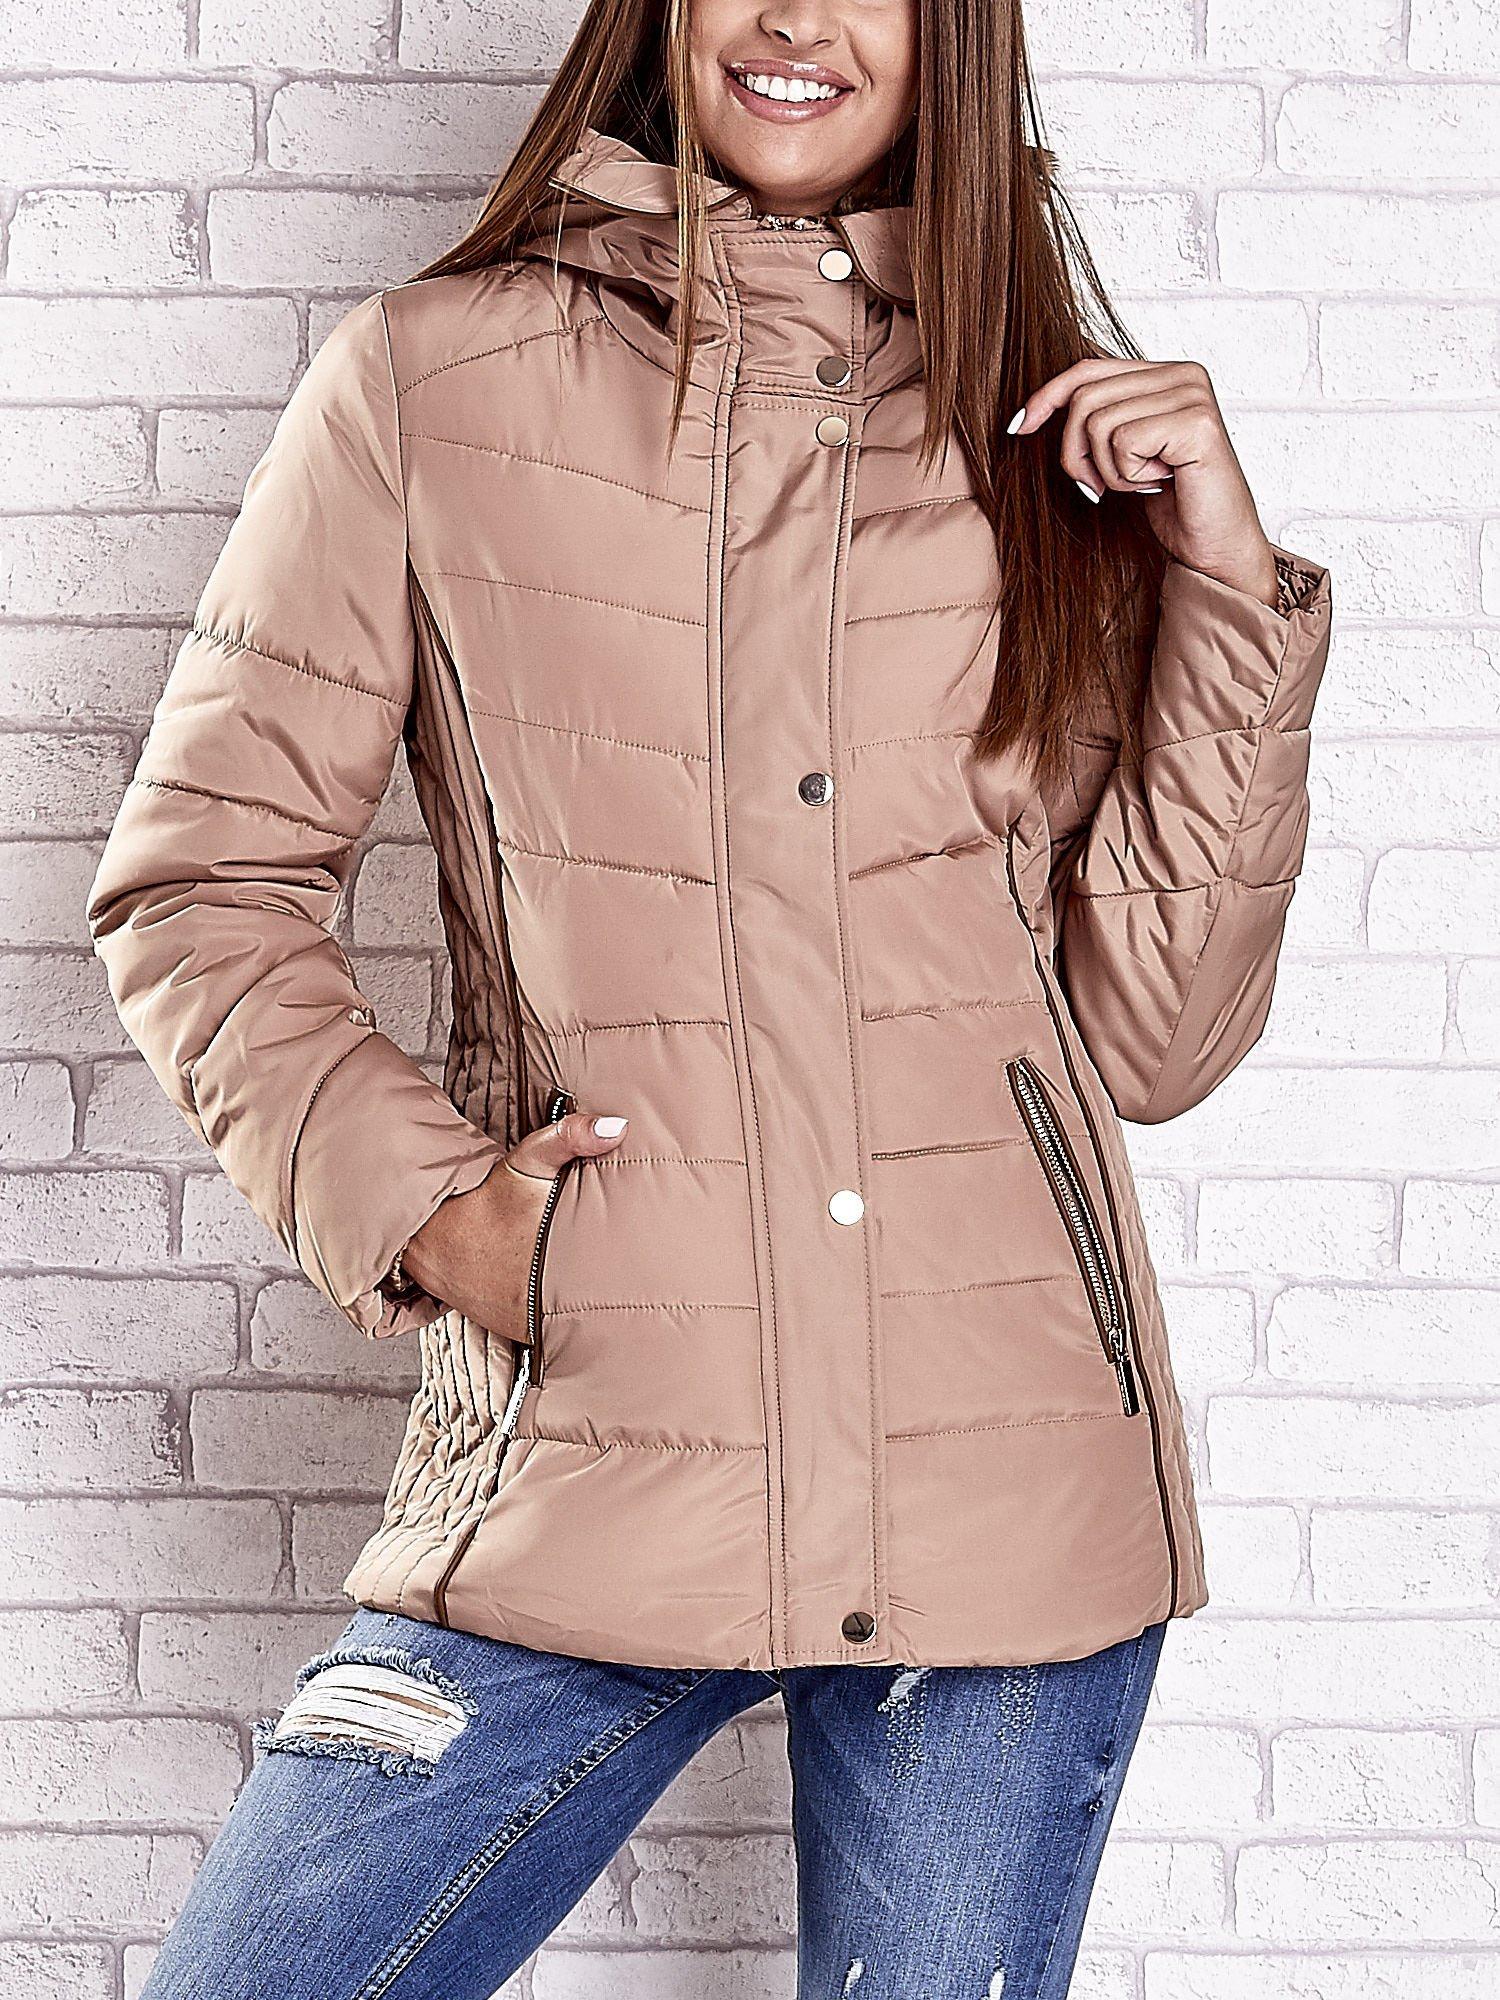 Beżowa kurtka zimowa ze skórzaną lamówką i futrzanym kapturem                                  zdj.                                  1